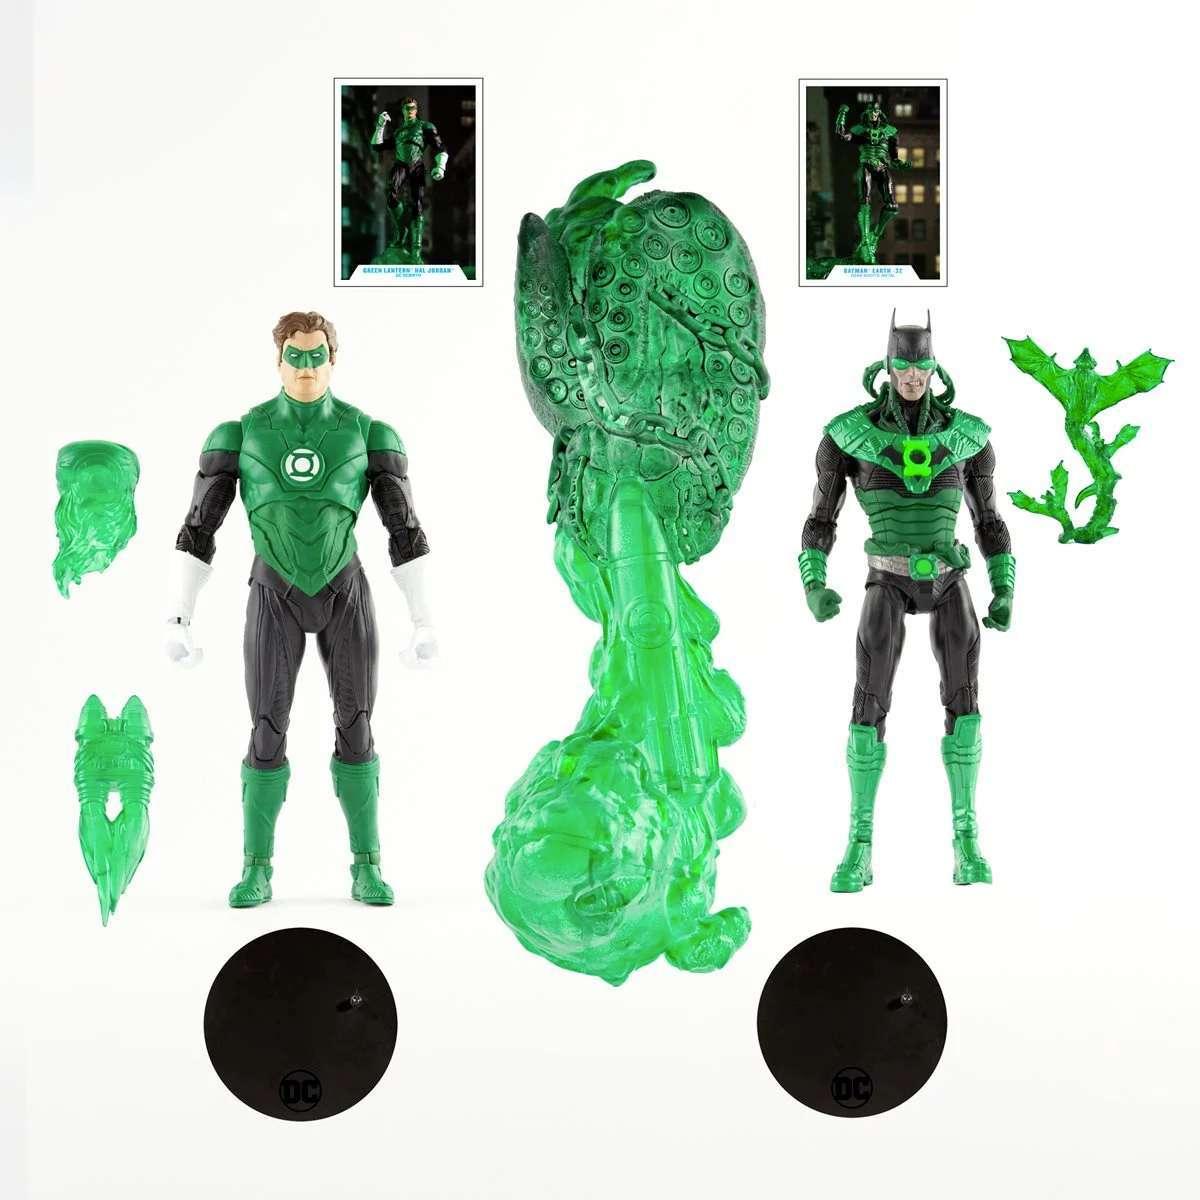 mcfarlane-green-lantern-2-pack